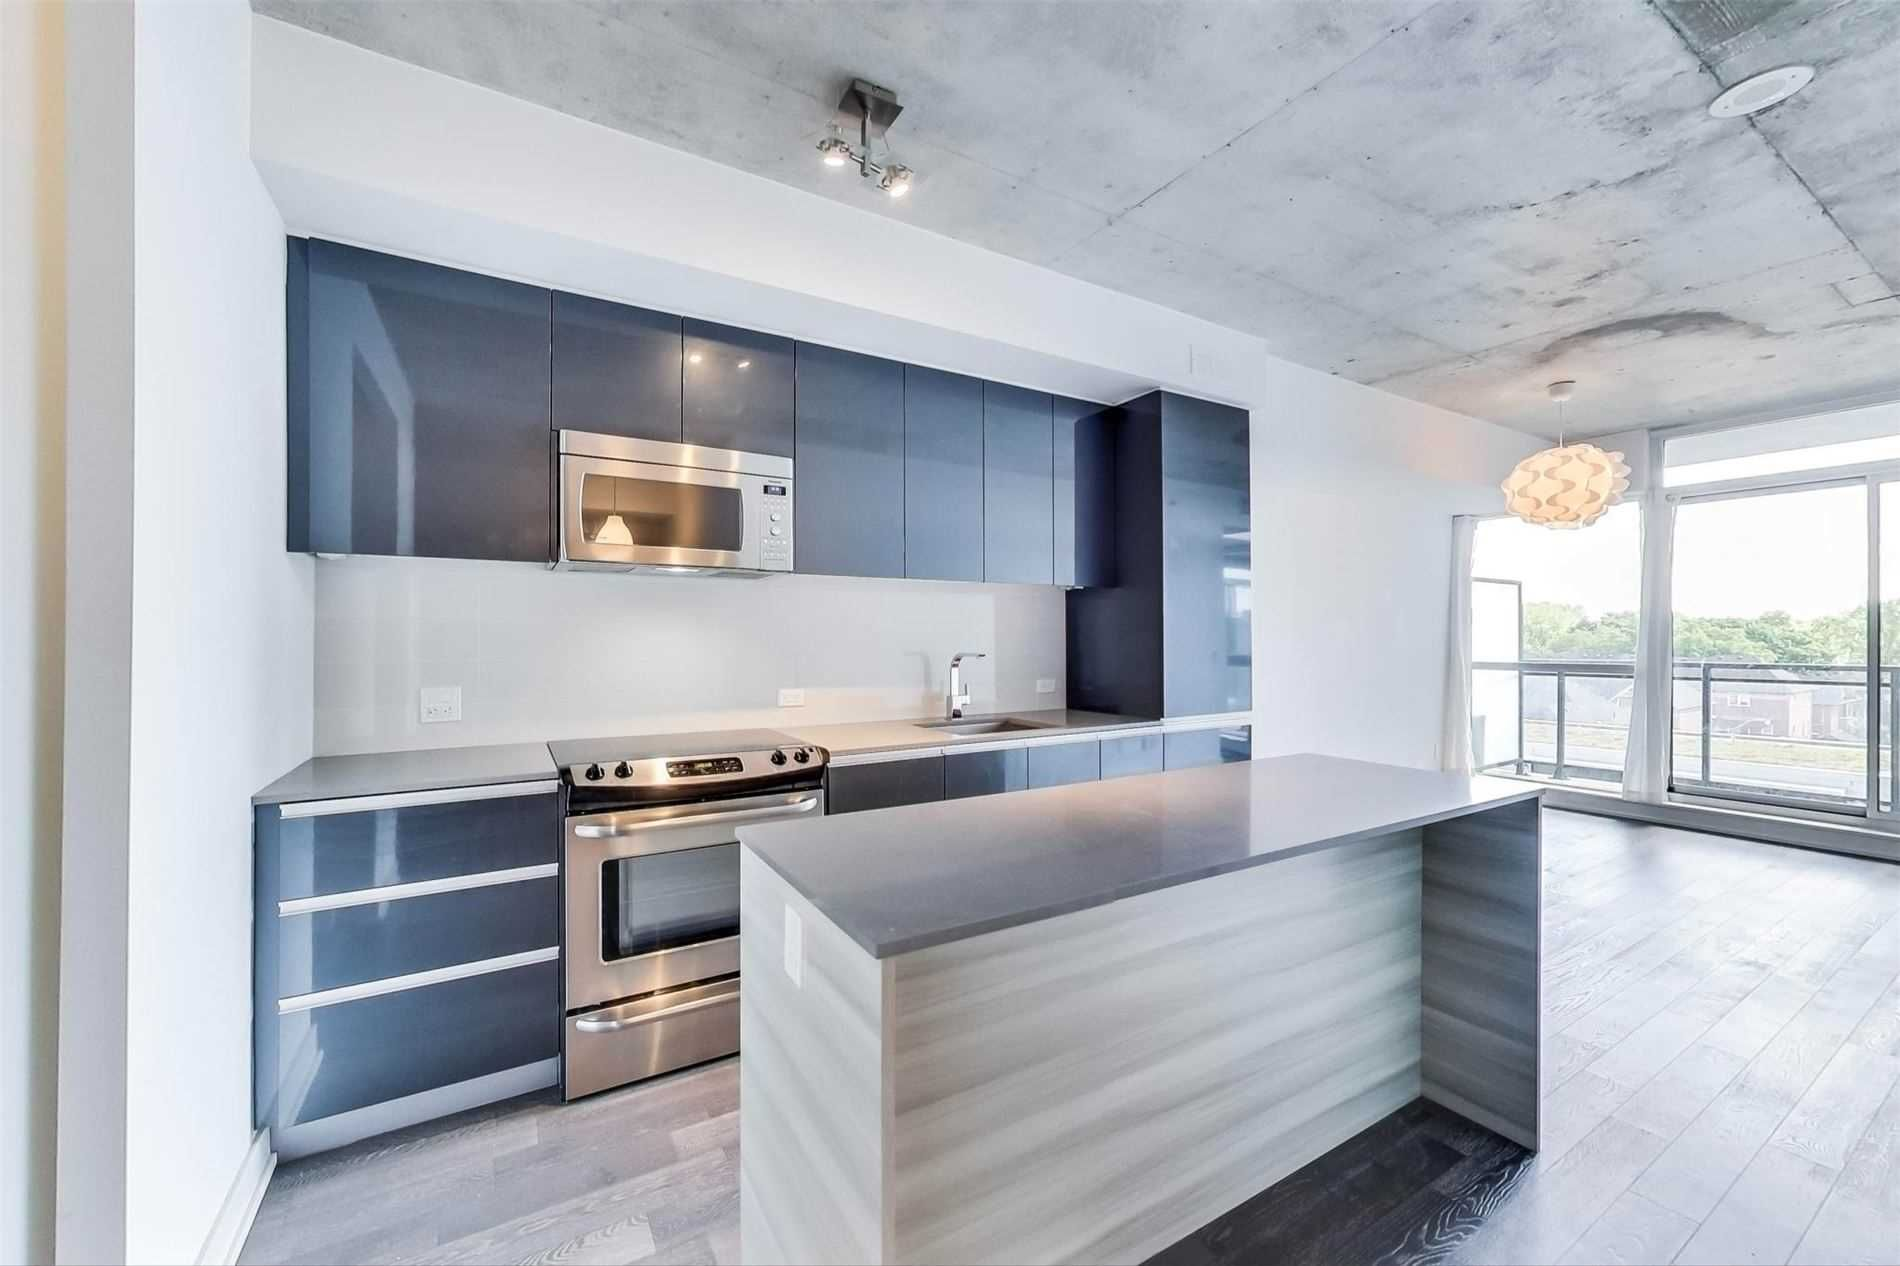 Main Photo: 631 1190 E Dundas Street in Toronto: South Riverdale Condo for lease (Toronto E01)  : MLS®# E5392501